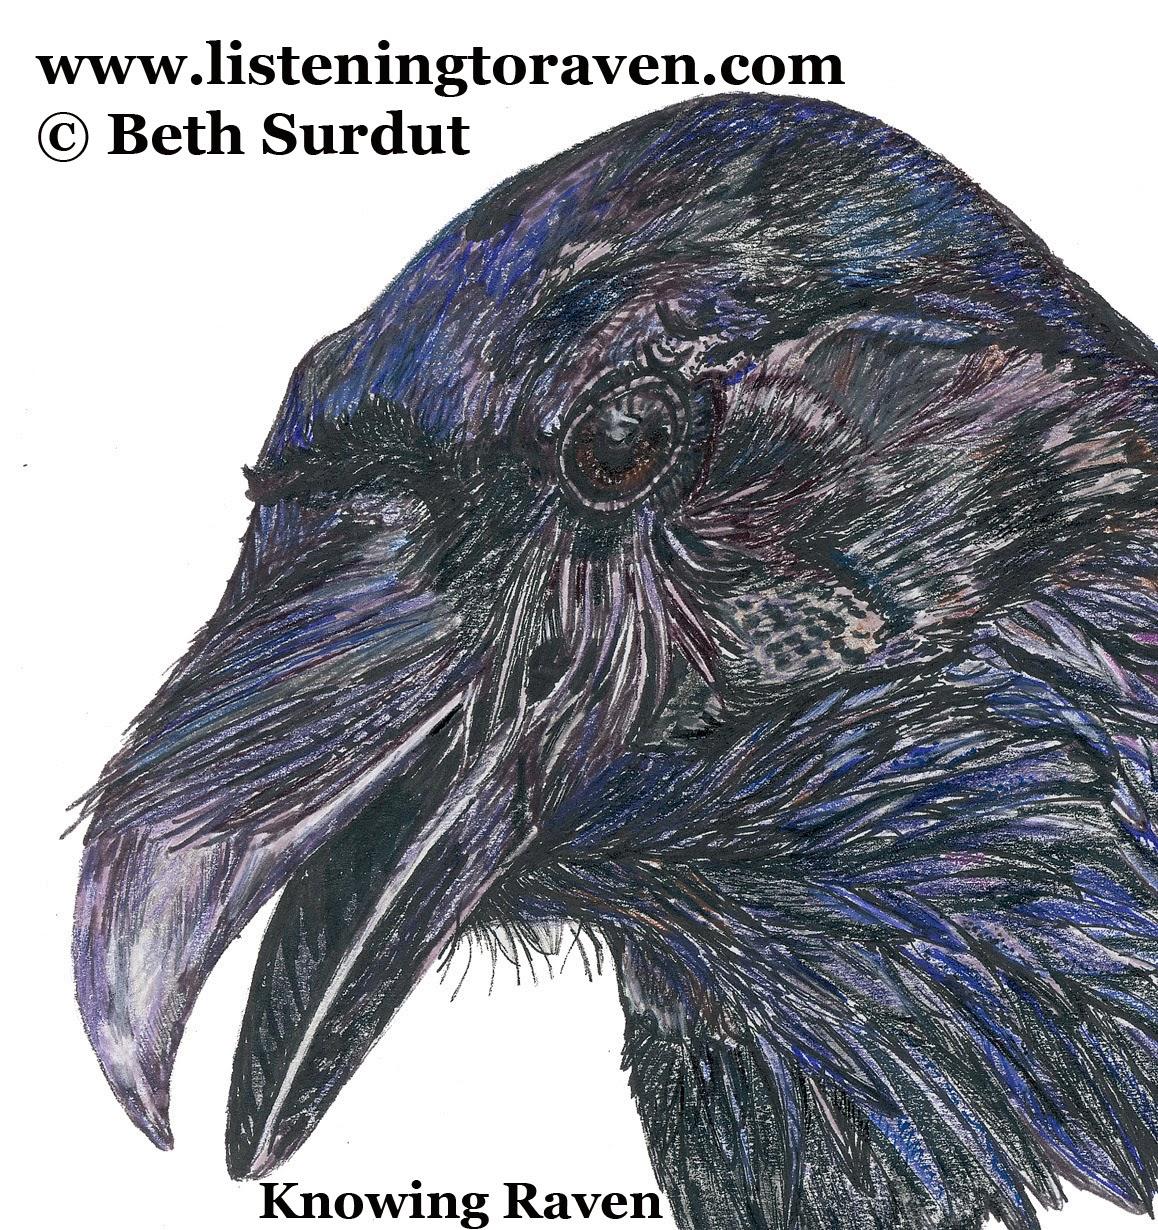 http://www.listeningtoraven.com